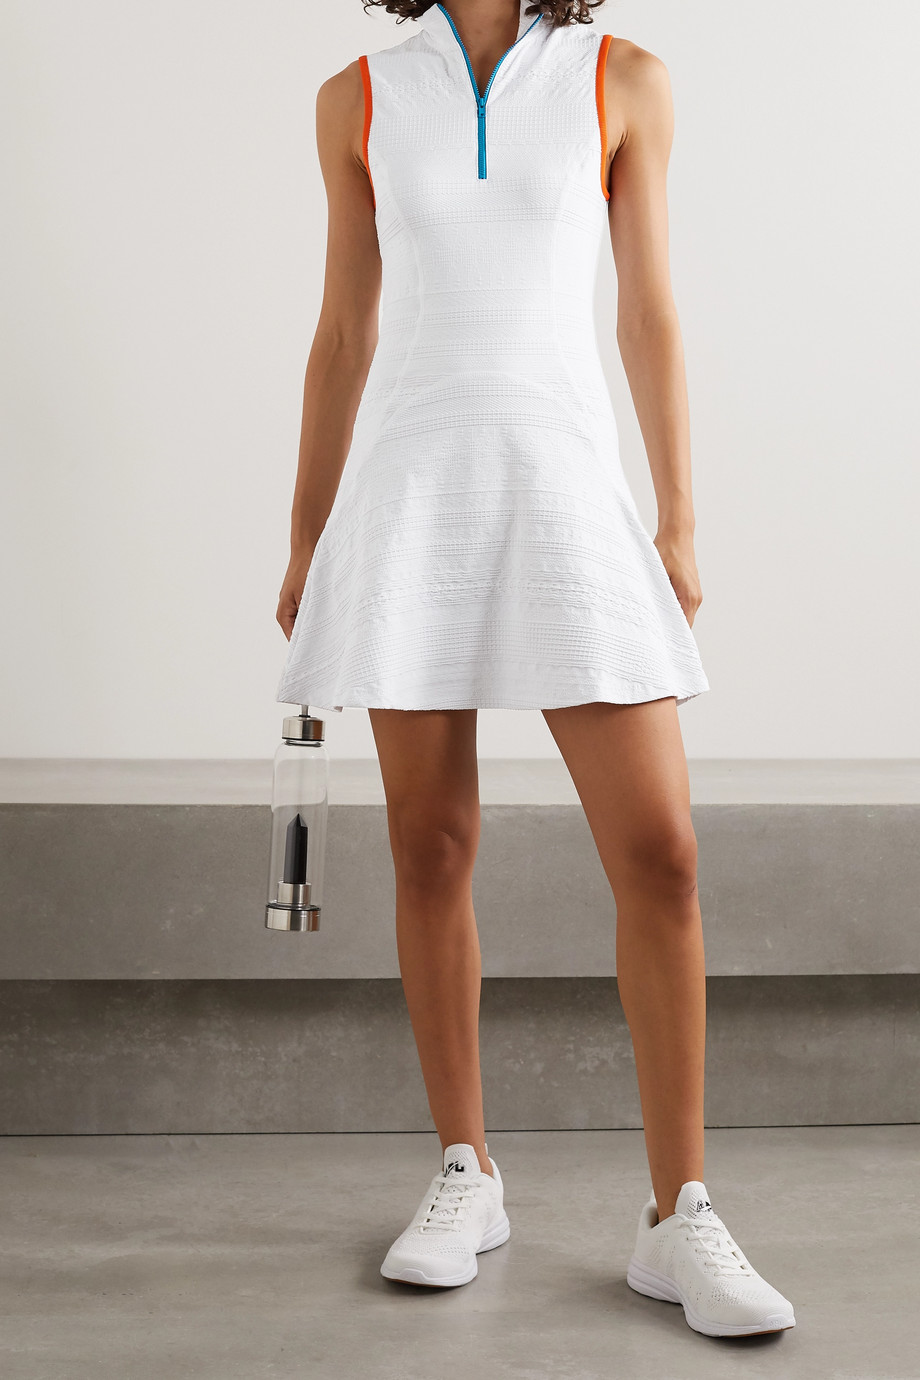 L'Etoile Sport Tenniskleid aus strukturiertem Stretch-Jersey